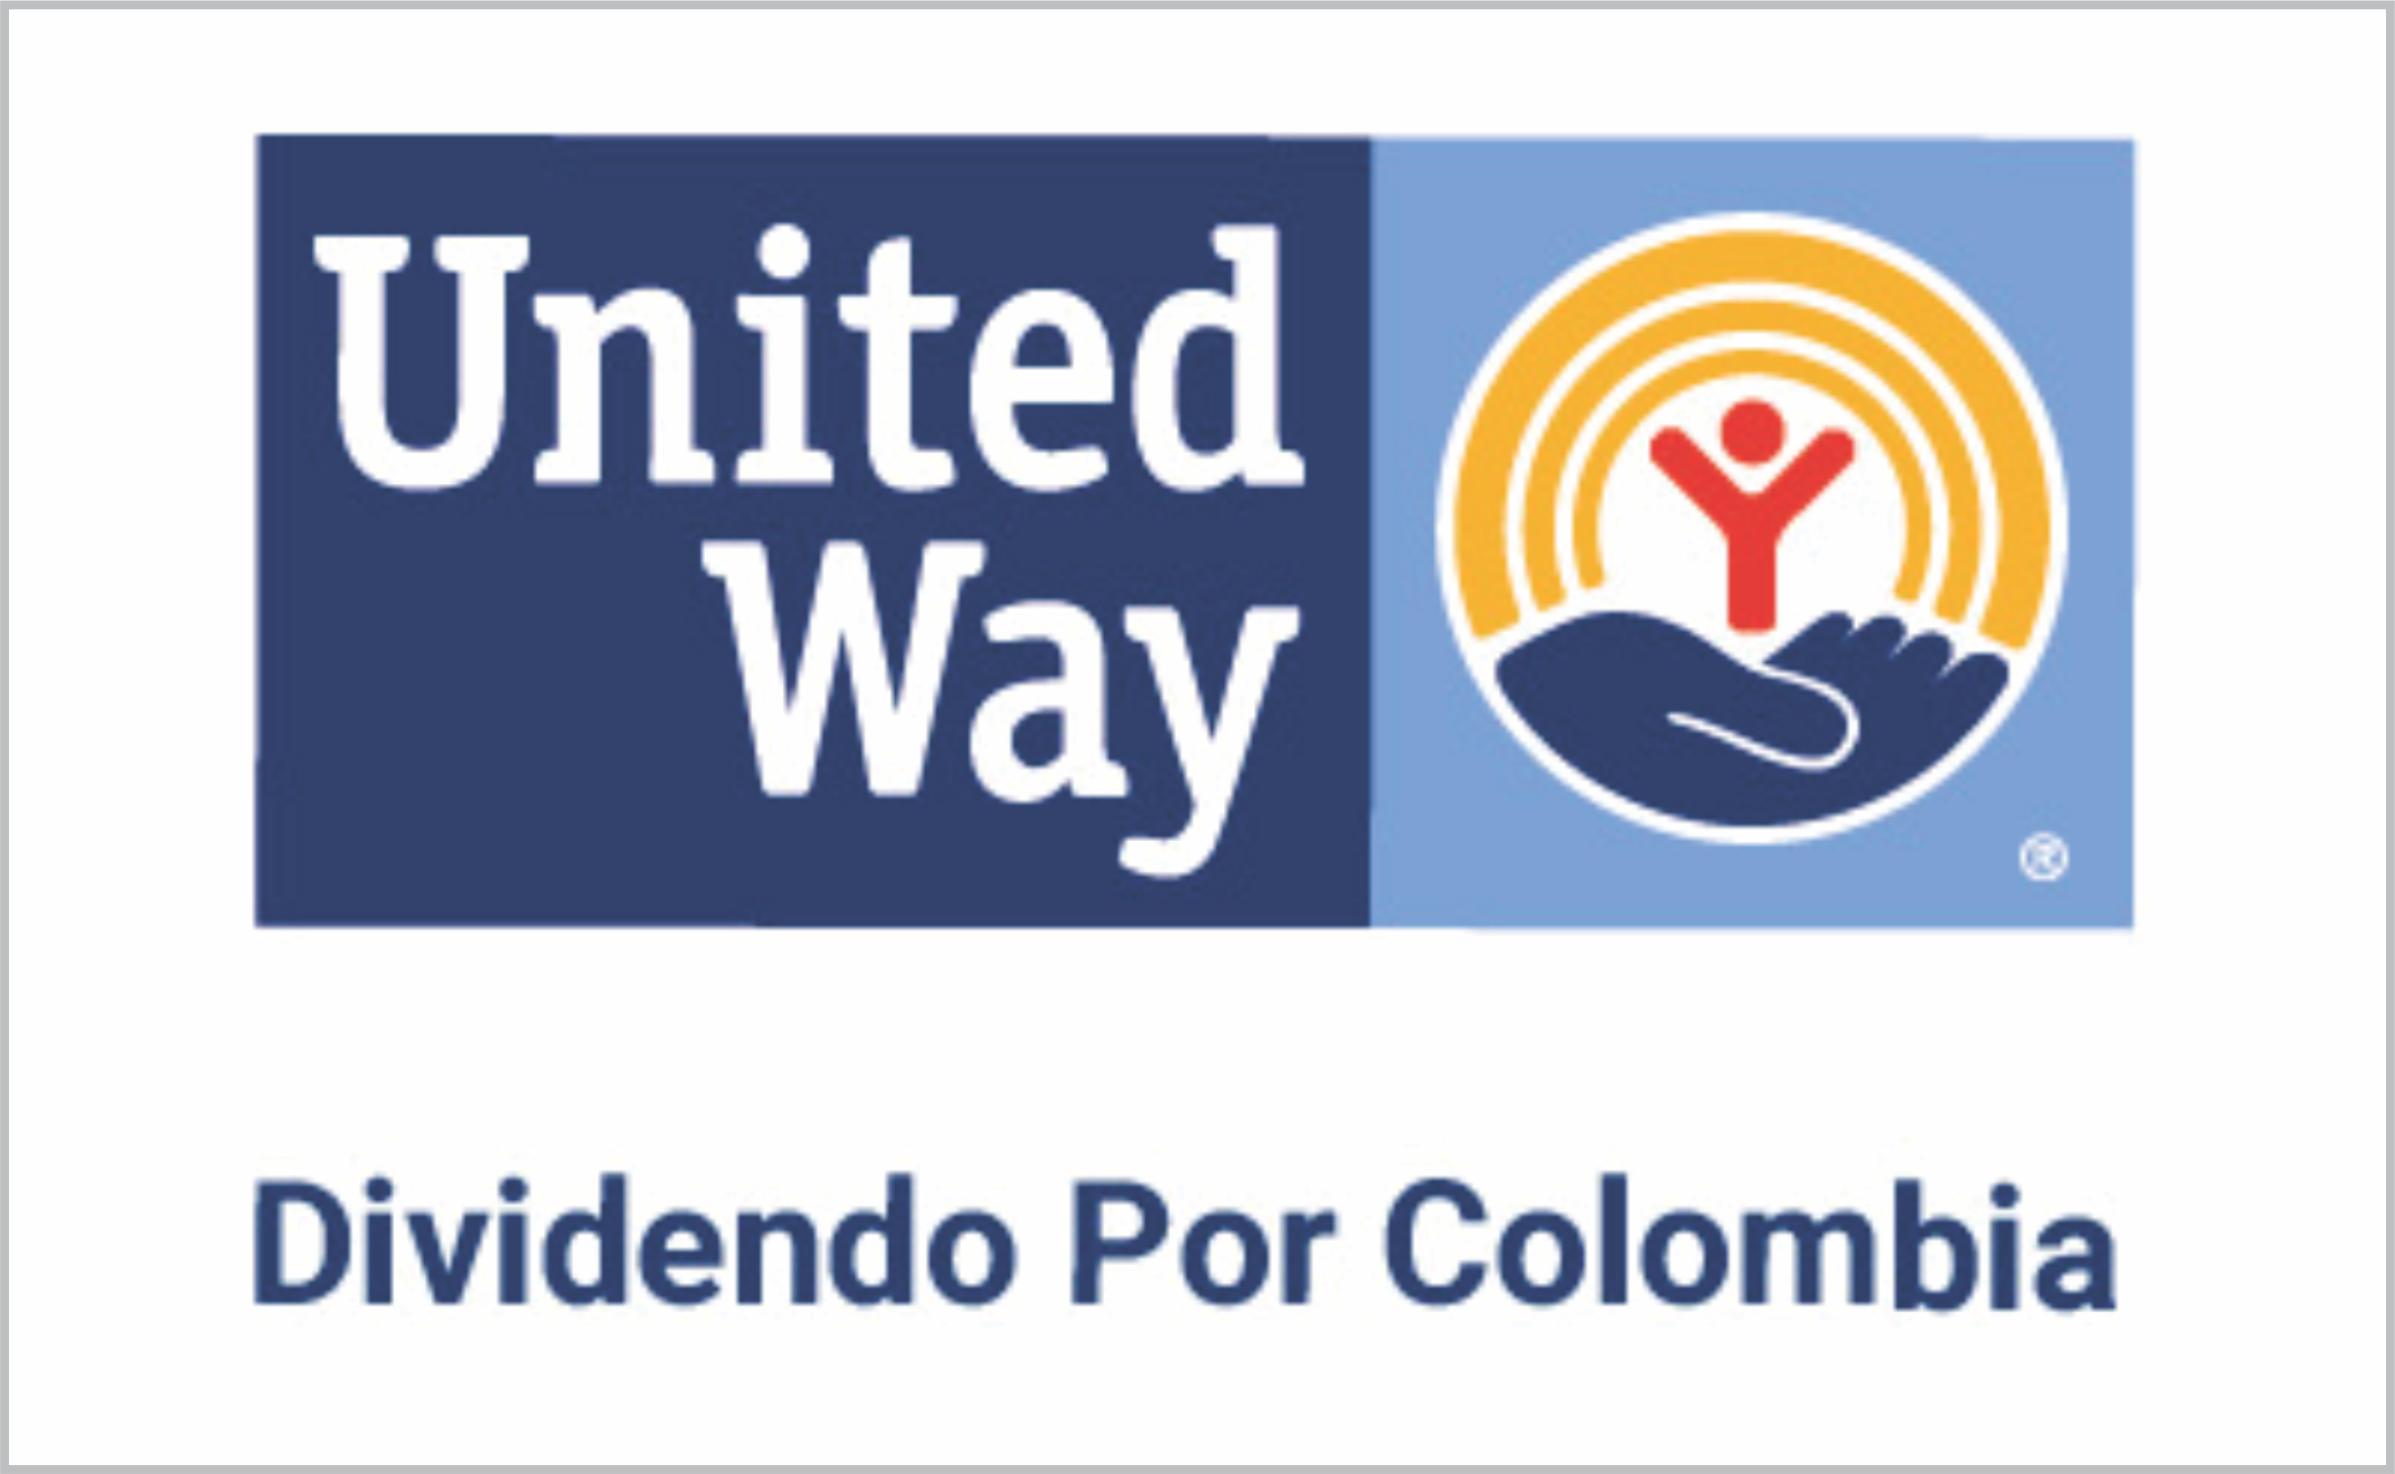 Dividendo por Colombia